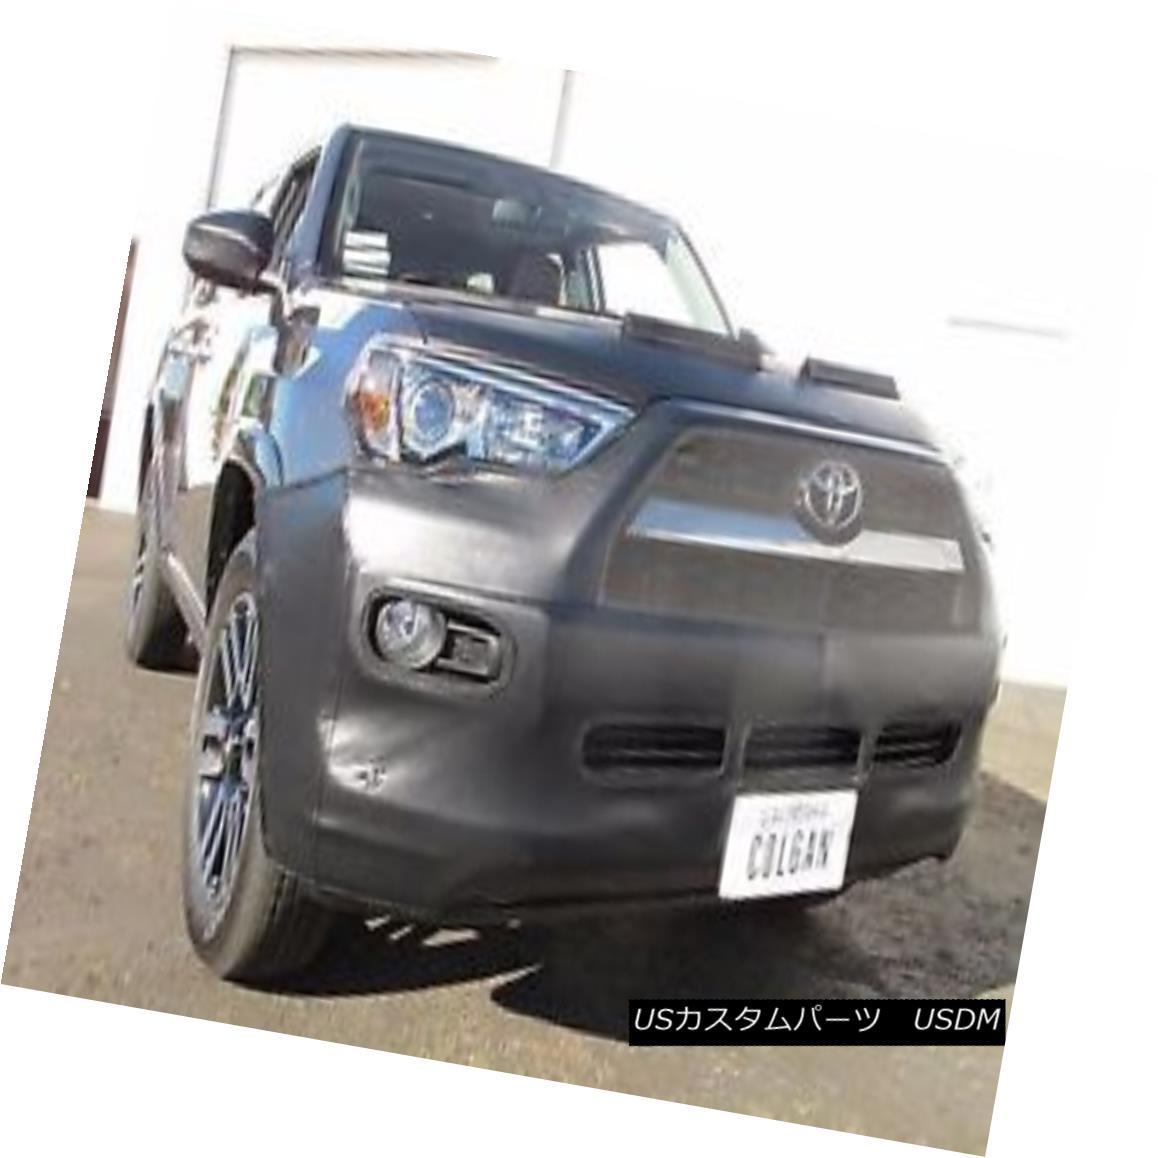 フルブラ ノーズブラ Colgan Front End Mask Bra 2pc. Fits Toyota 4Runner Limited 2014-2016 W/Lic.Plate コルガンフロントエンドマスクブラ2pc Toyota 4Runner Limited 2014-2016 W / Lic.Plateに適合